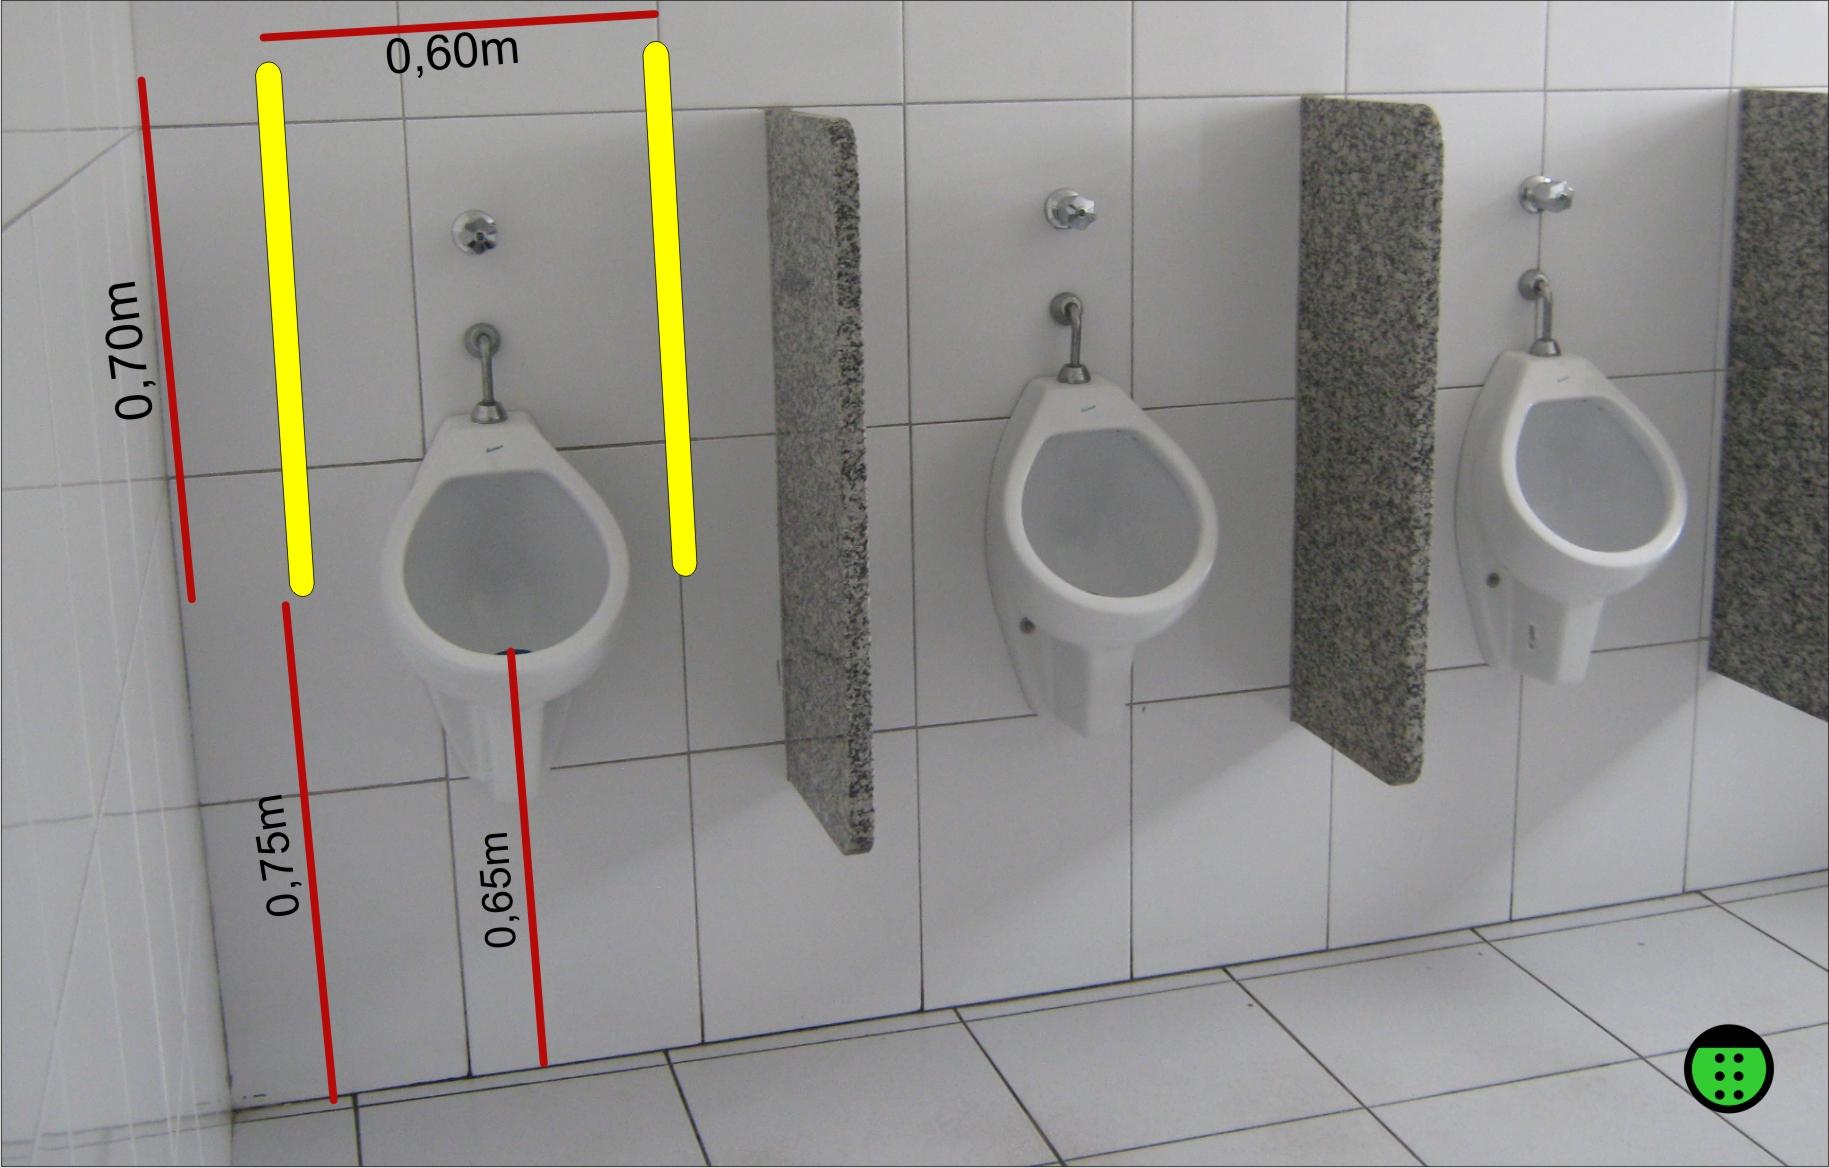 foto de como deveria ser um mictório acessível com barras paralelas  #C4C407 1829x1168 Banheiro Acessivel Tamanho